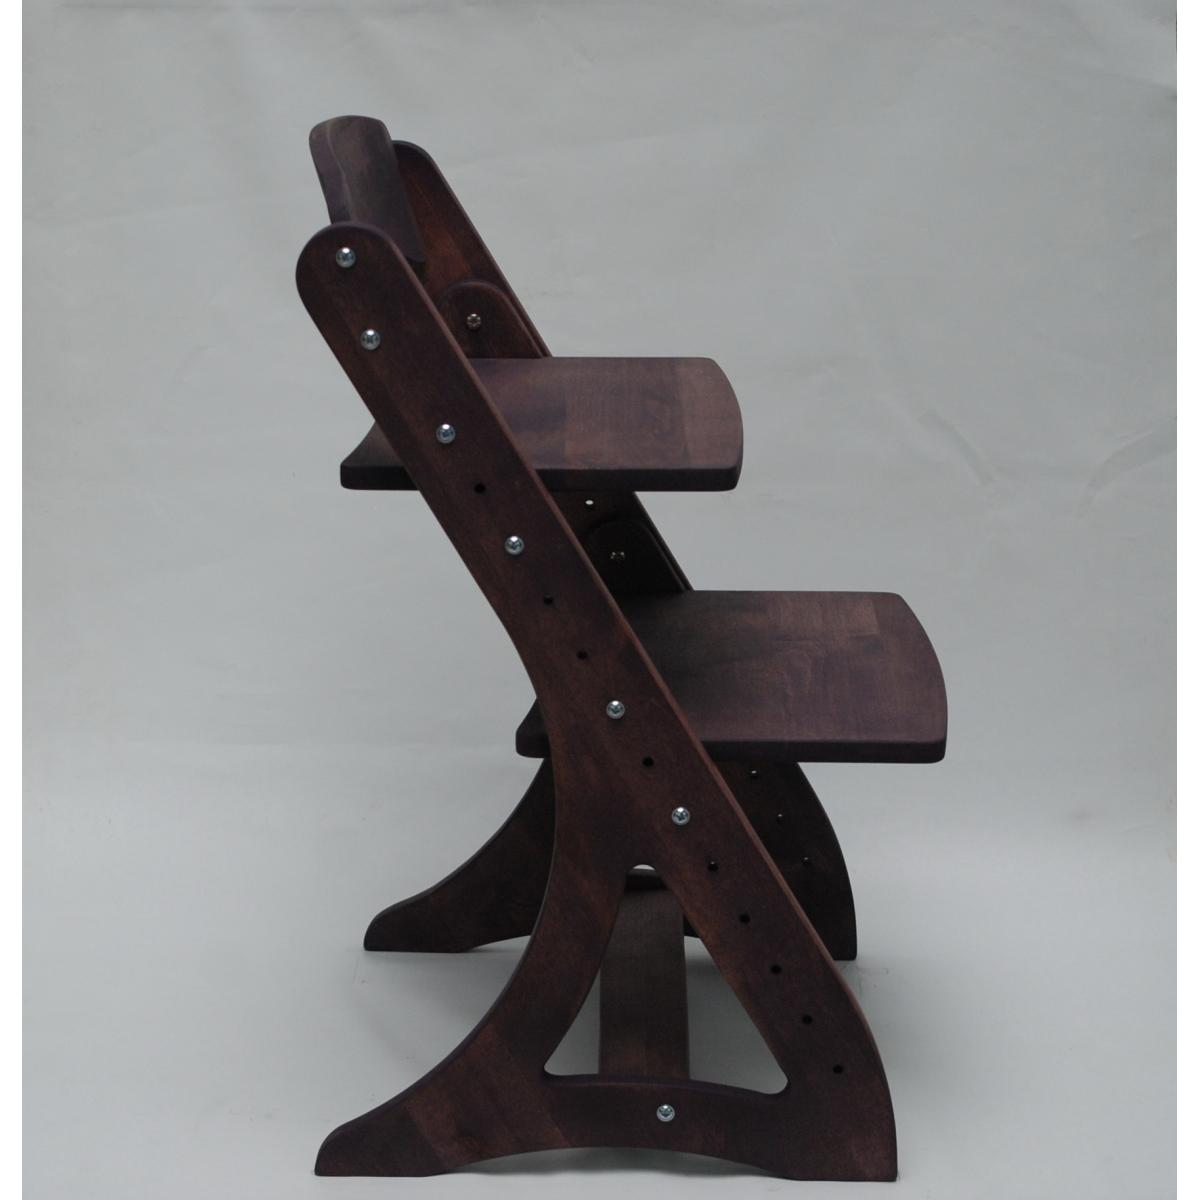 Растущий стул АйКью из массива березы (пурпурный верес)